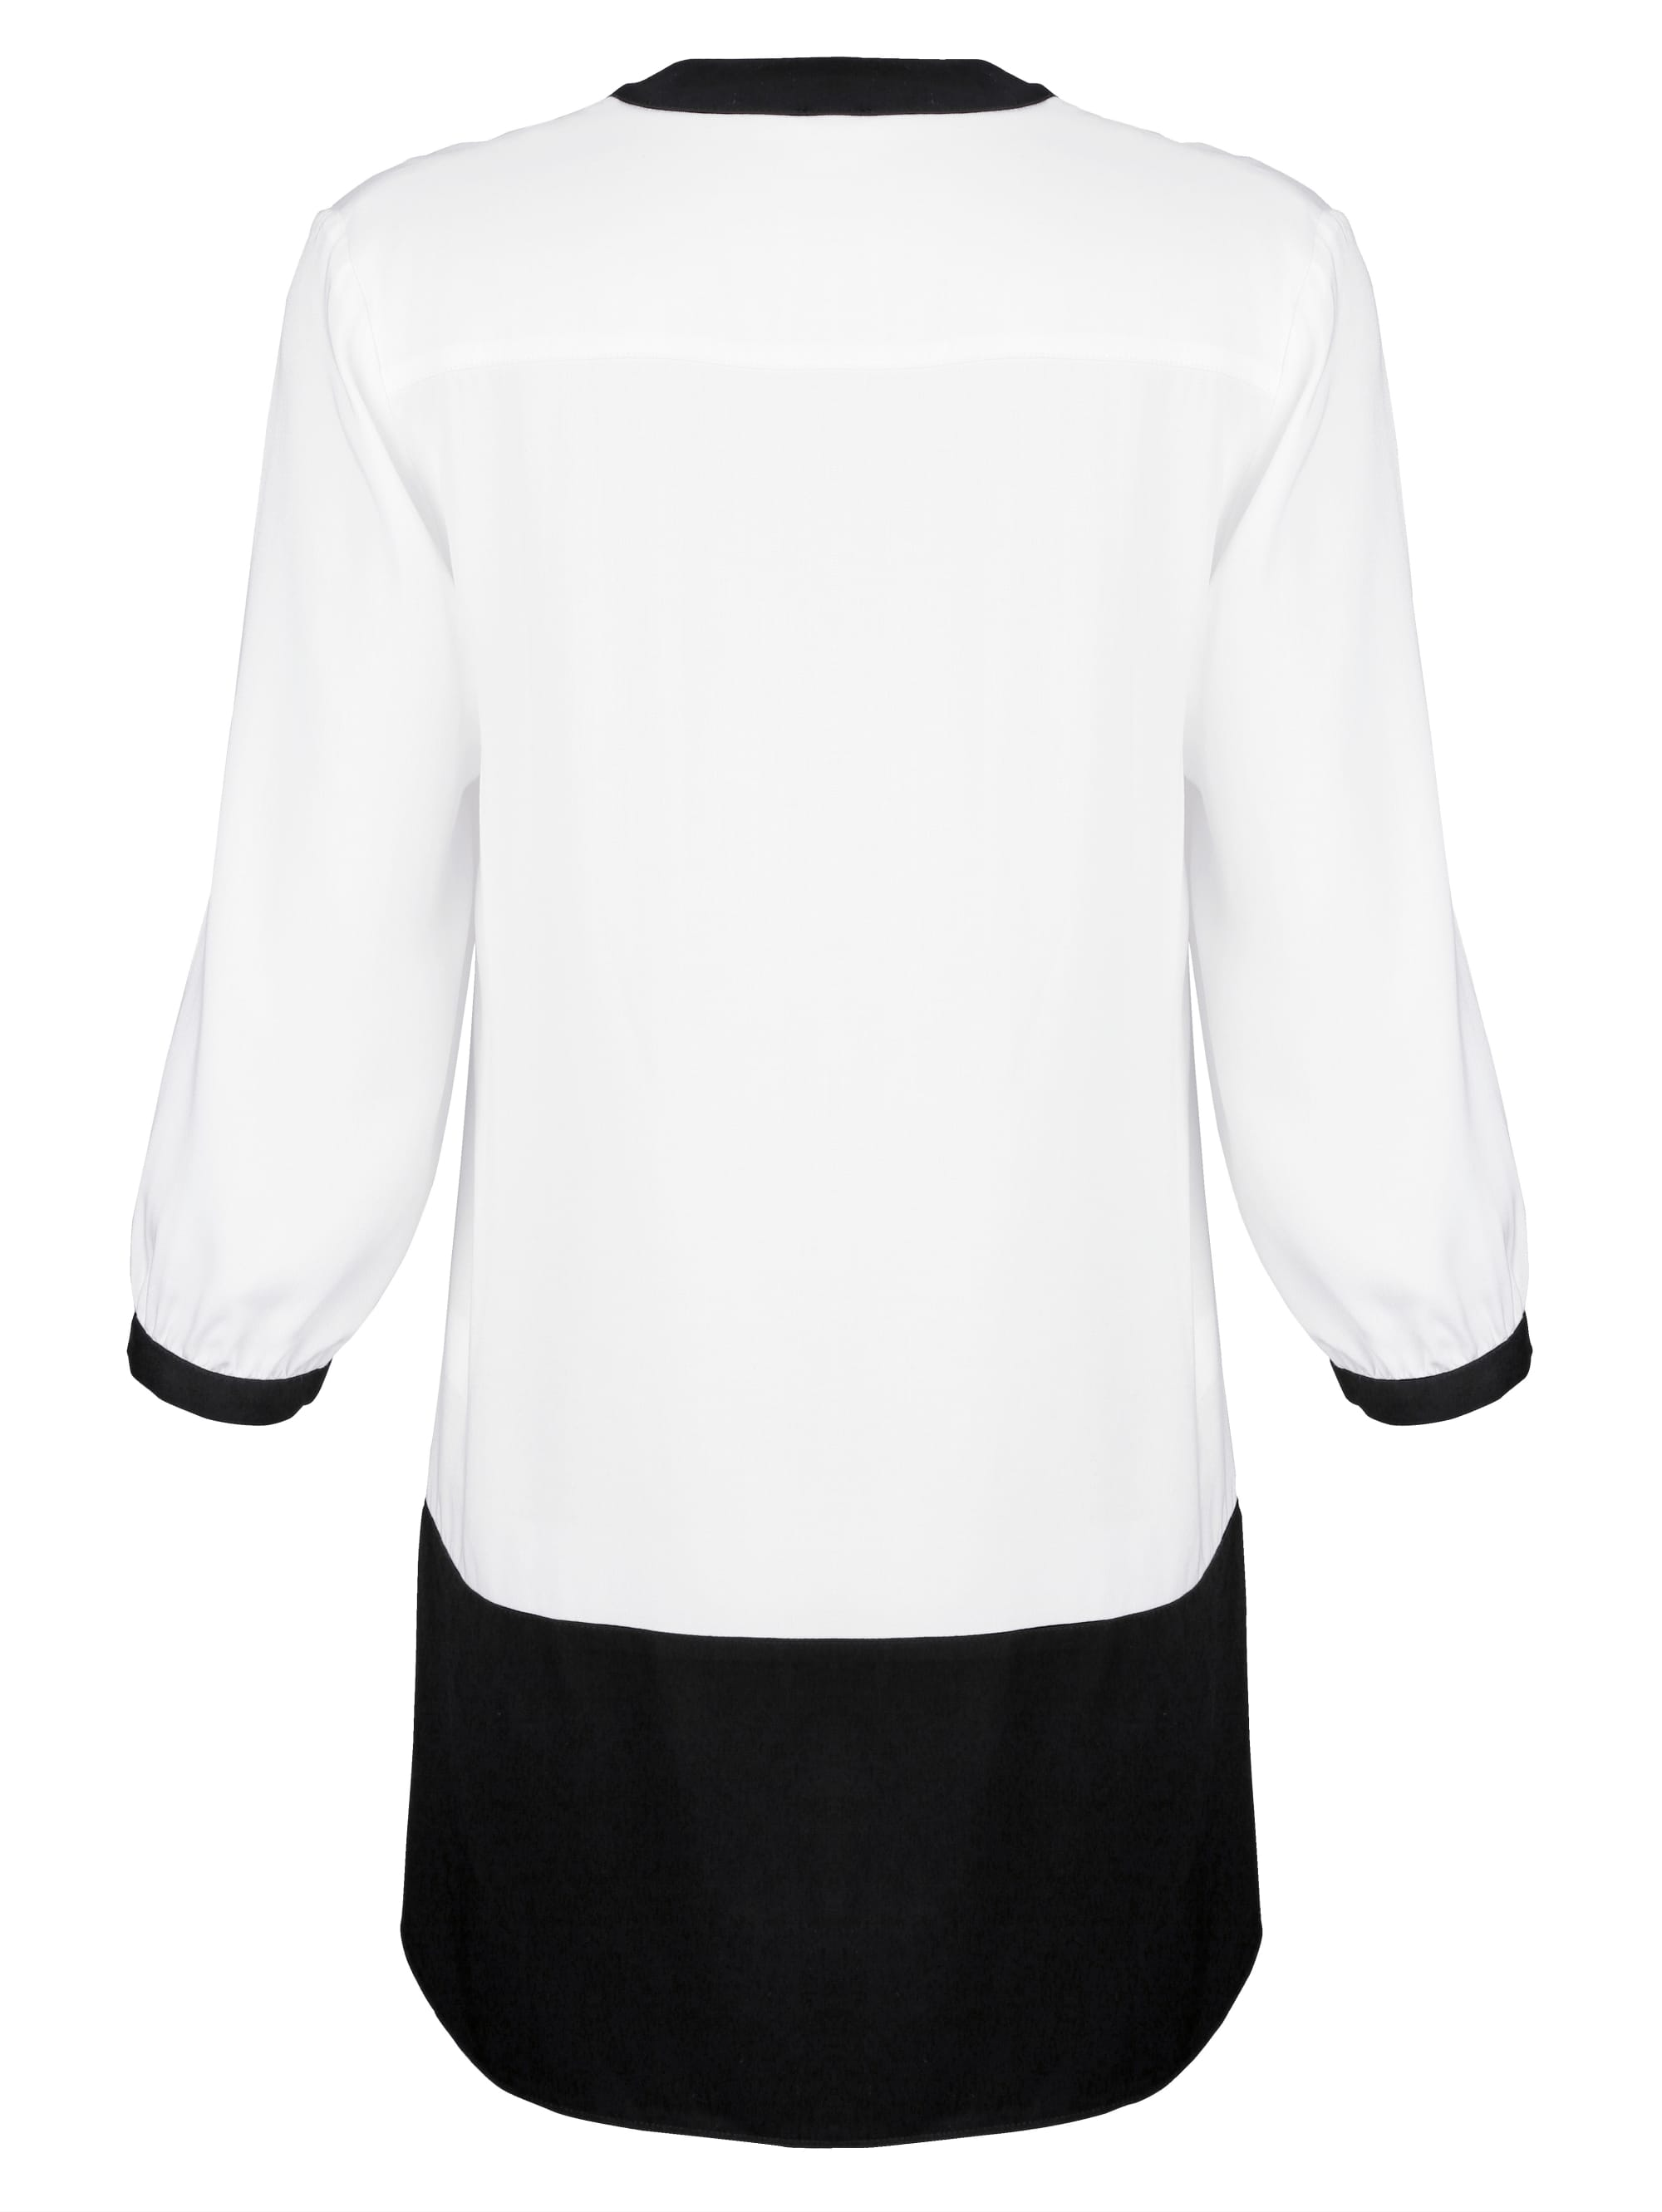 Alba Moda Bluse in Off-white,Schwarz günstig kaufen